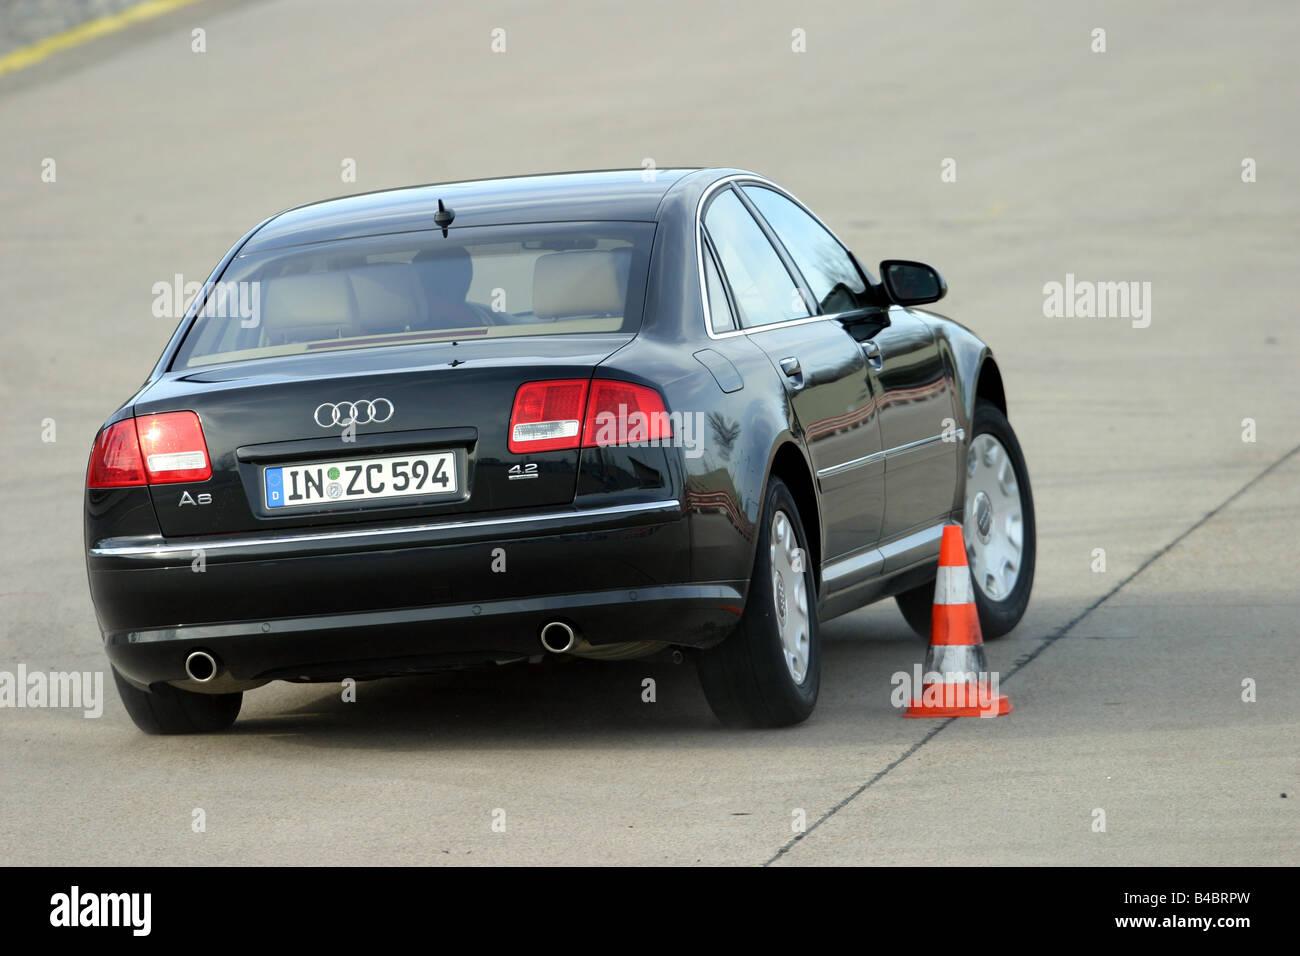 Kelebihan Kekurangan Audi A8 4.2 V8 Perbandingan Harga